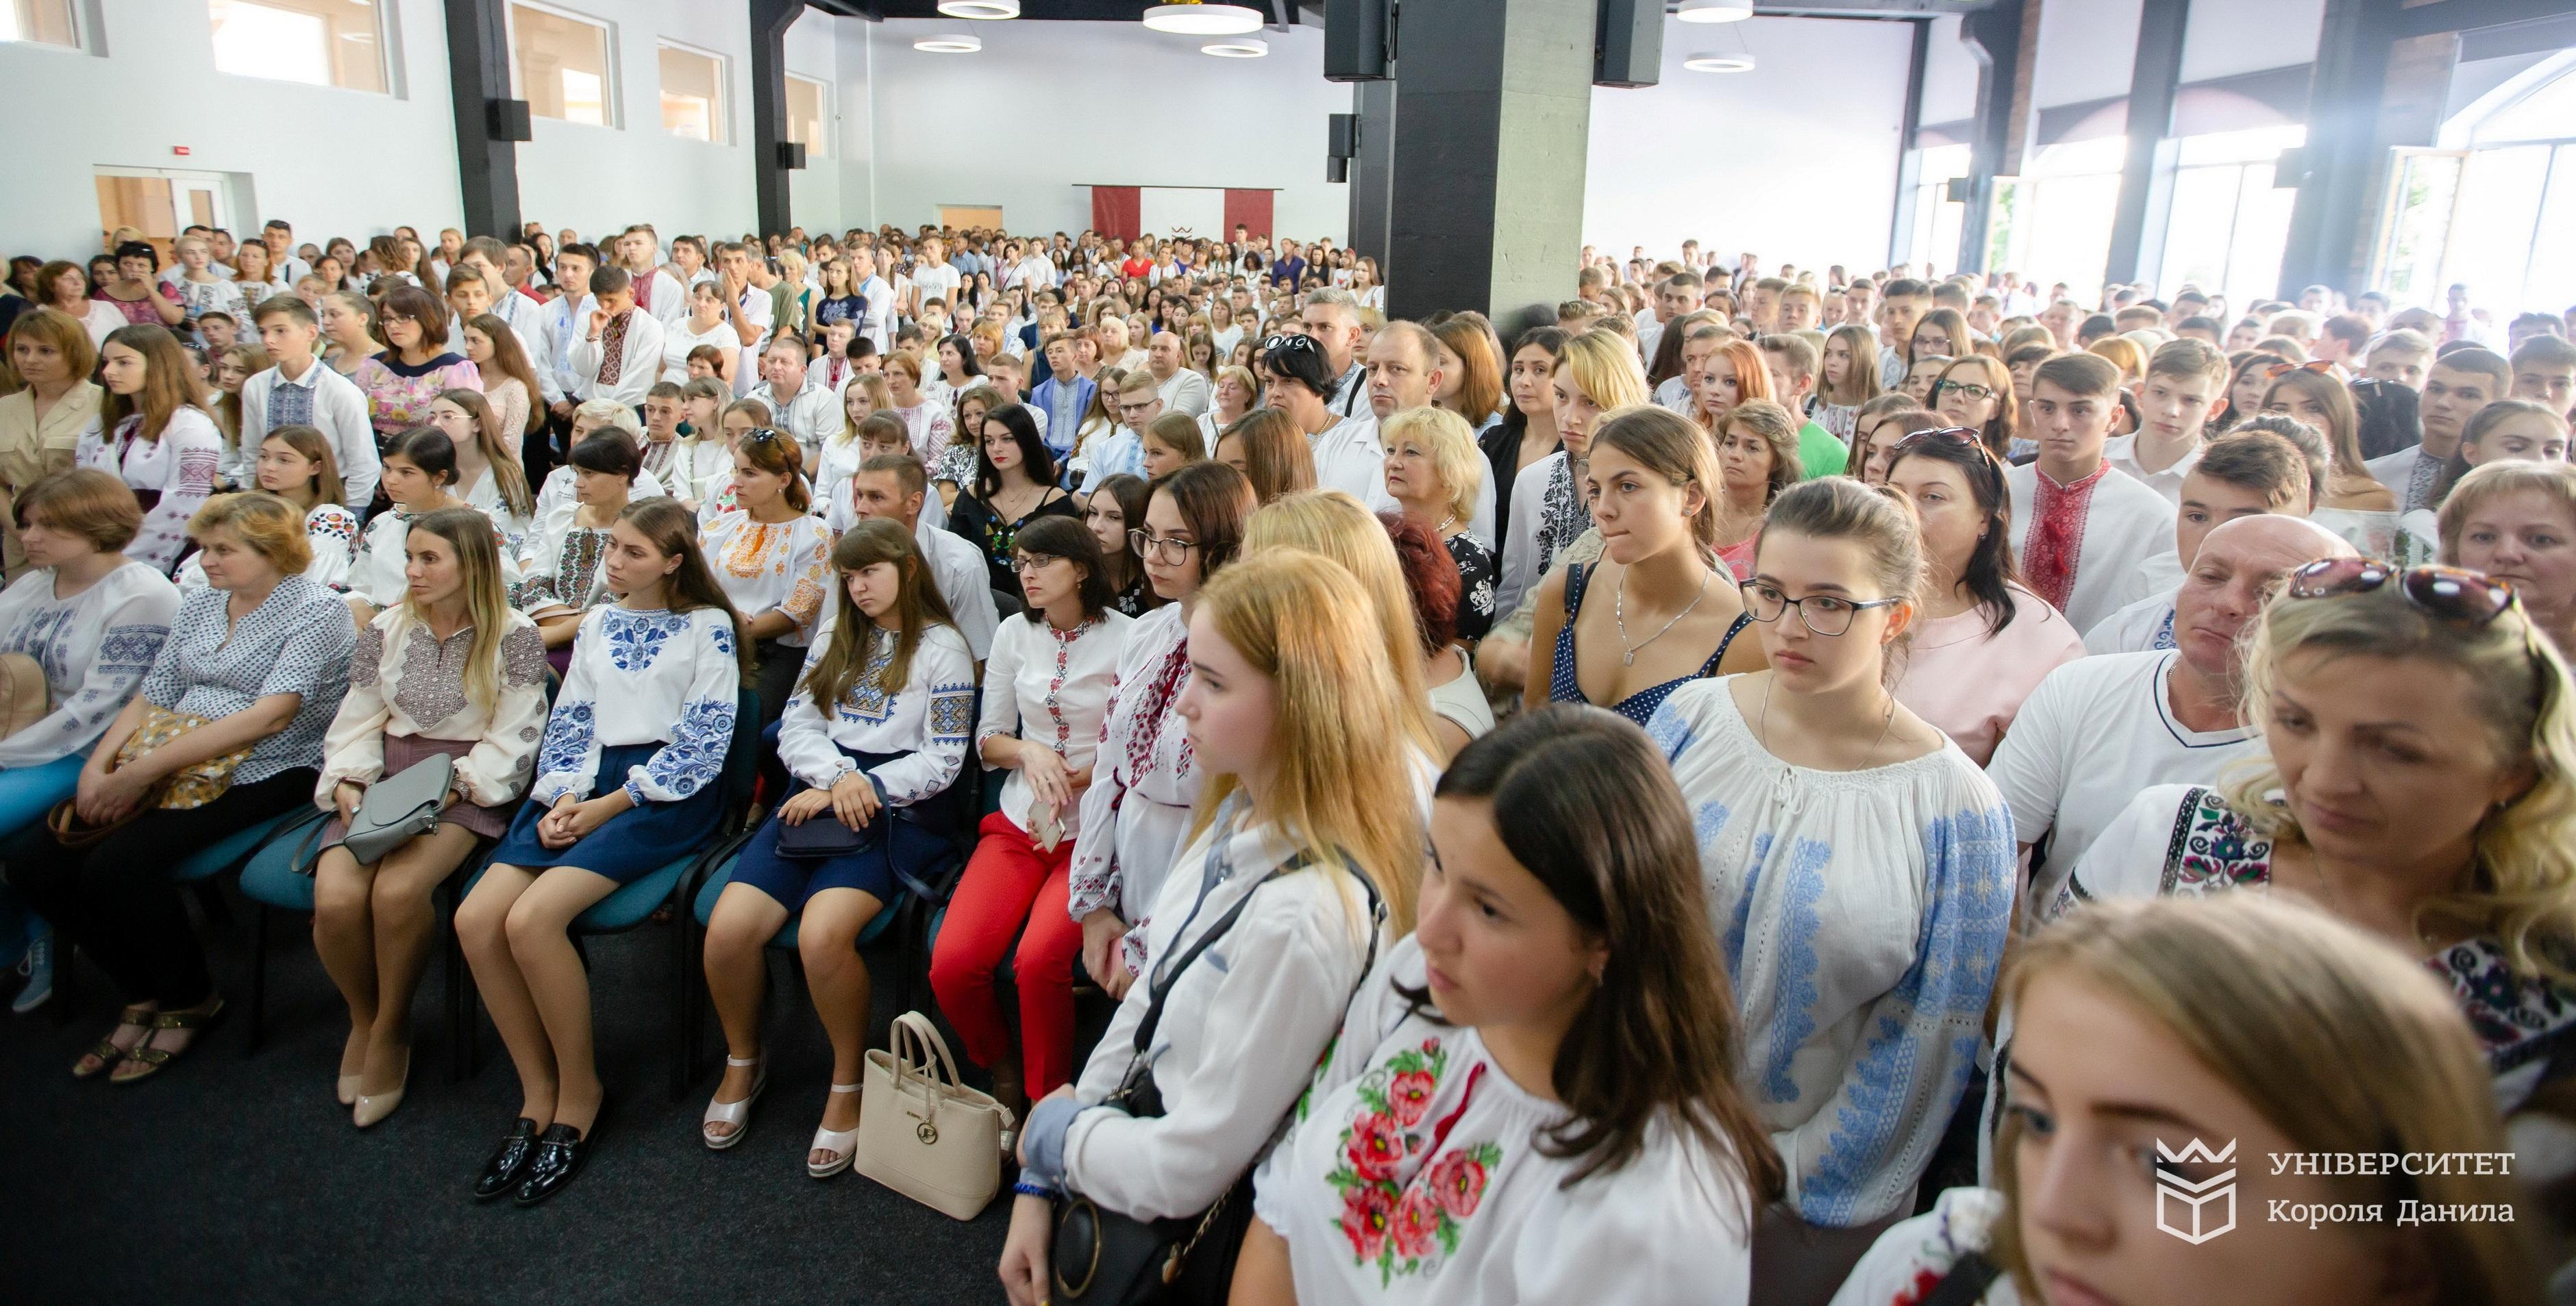 Студенти Університету Короля Данила відзначили початок навчального року